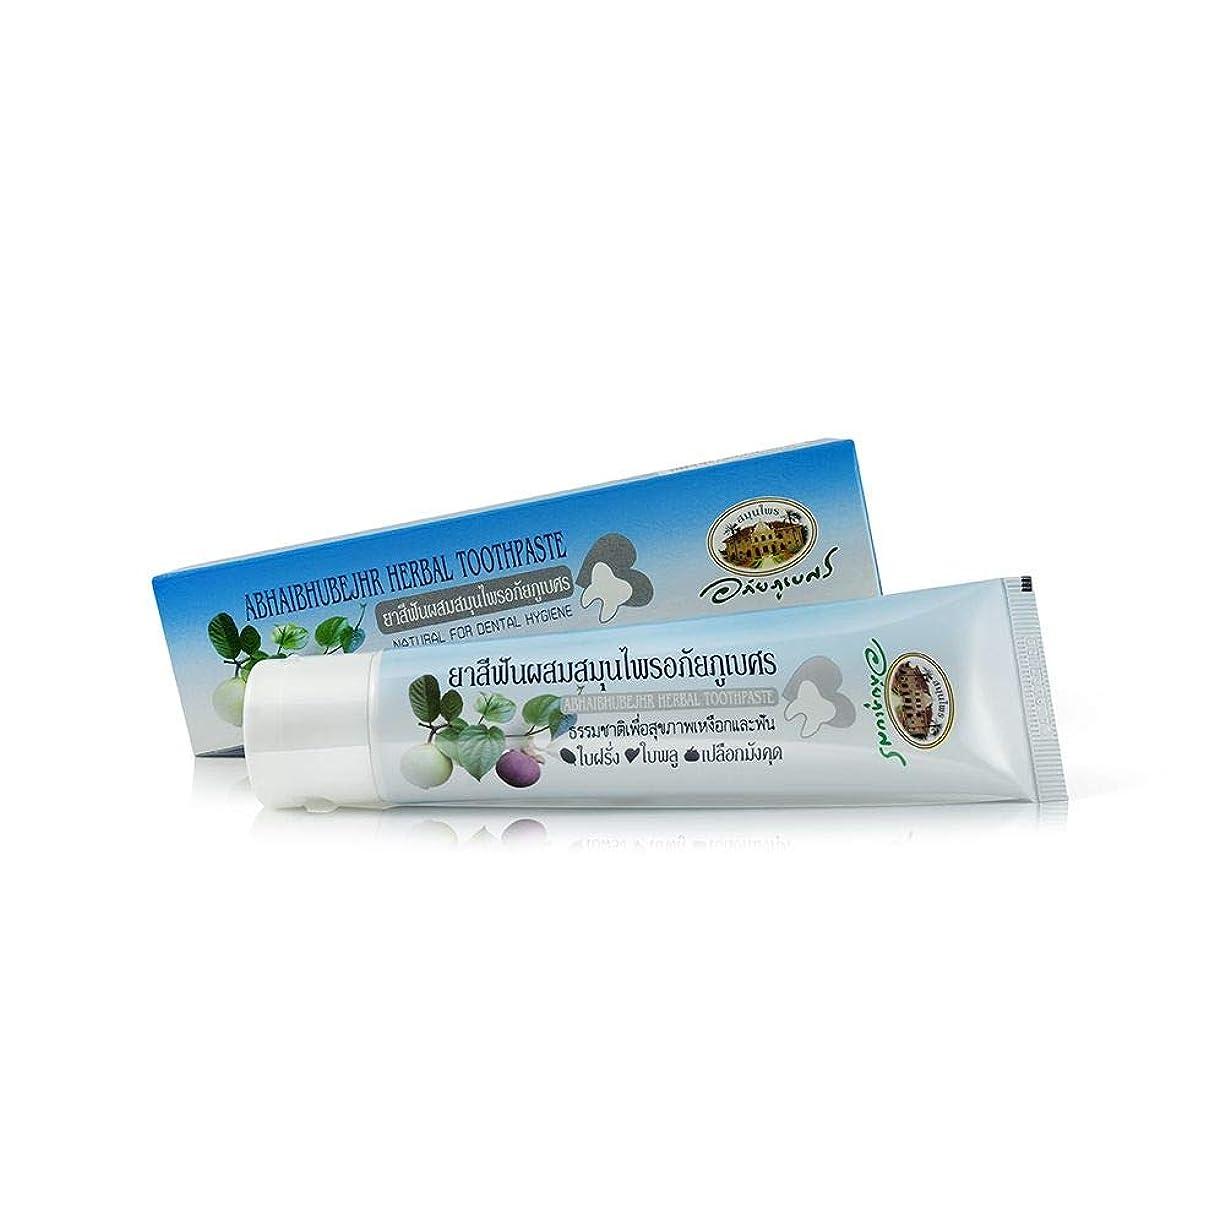 認知ゆでる荒涼としたAbhaibhubejhr Herbal Toothpaste Natural For Dental Hygiene 歯科衛生のためのAbhaibhubejhrハーブ歯磨き粉ナチュラル (70g)